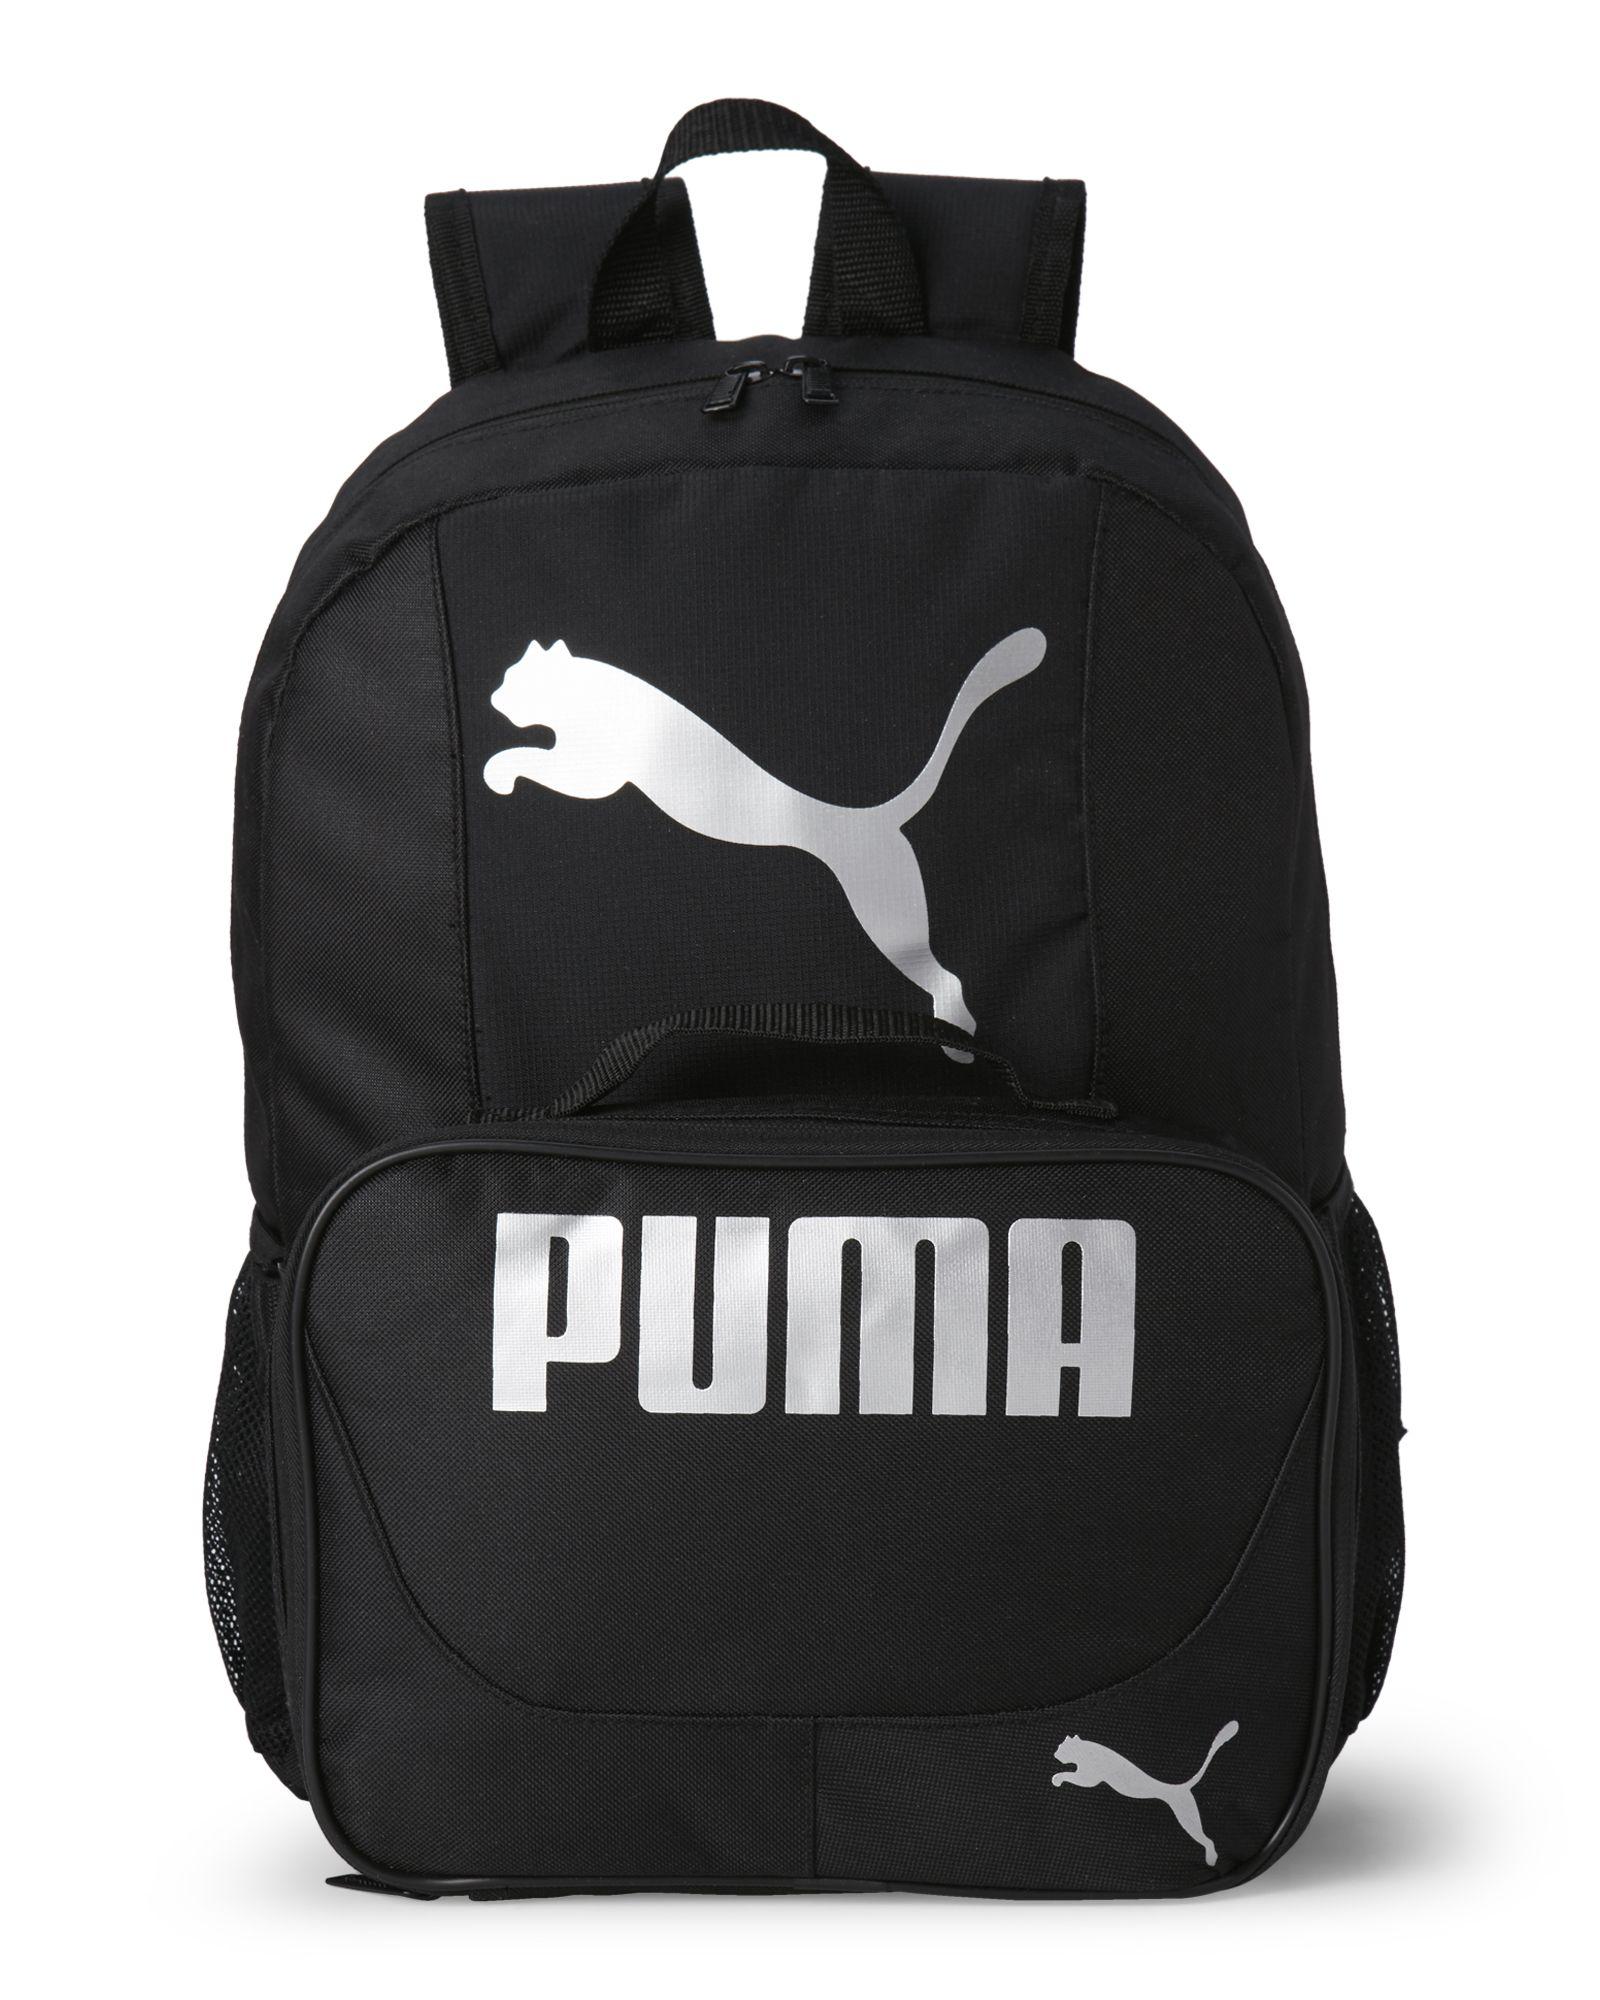 Puma Grub Combo Backpack   Lunch Bag db67e6f5f0b37